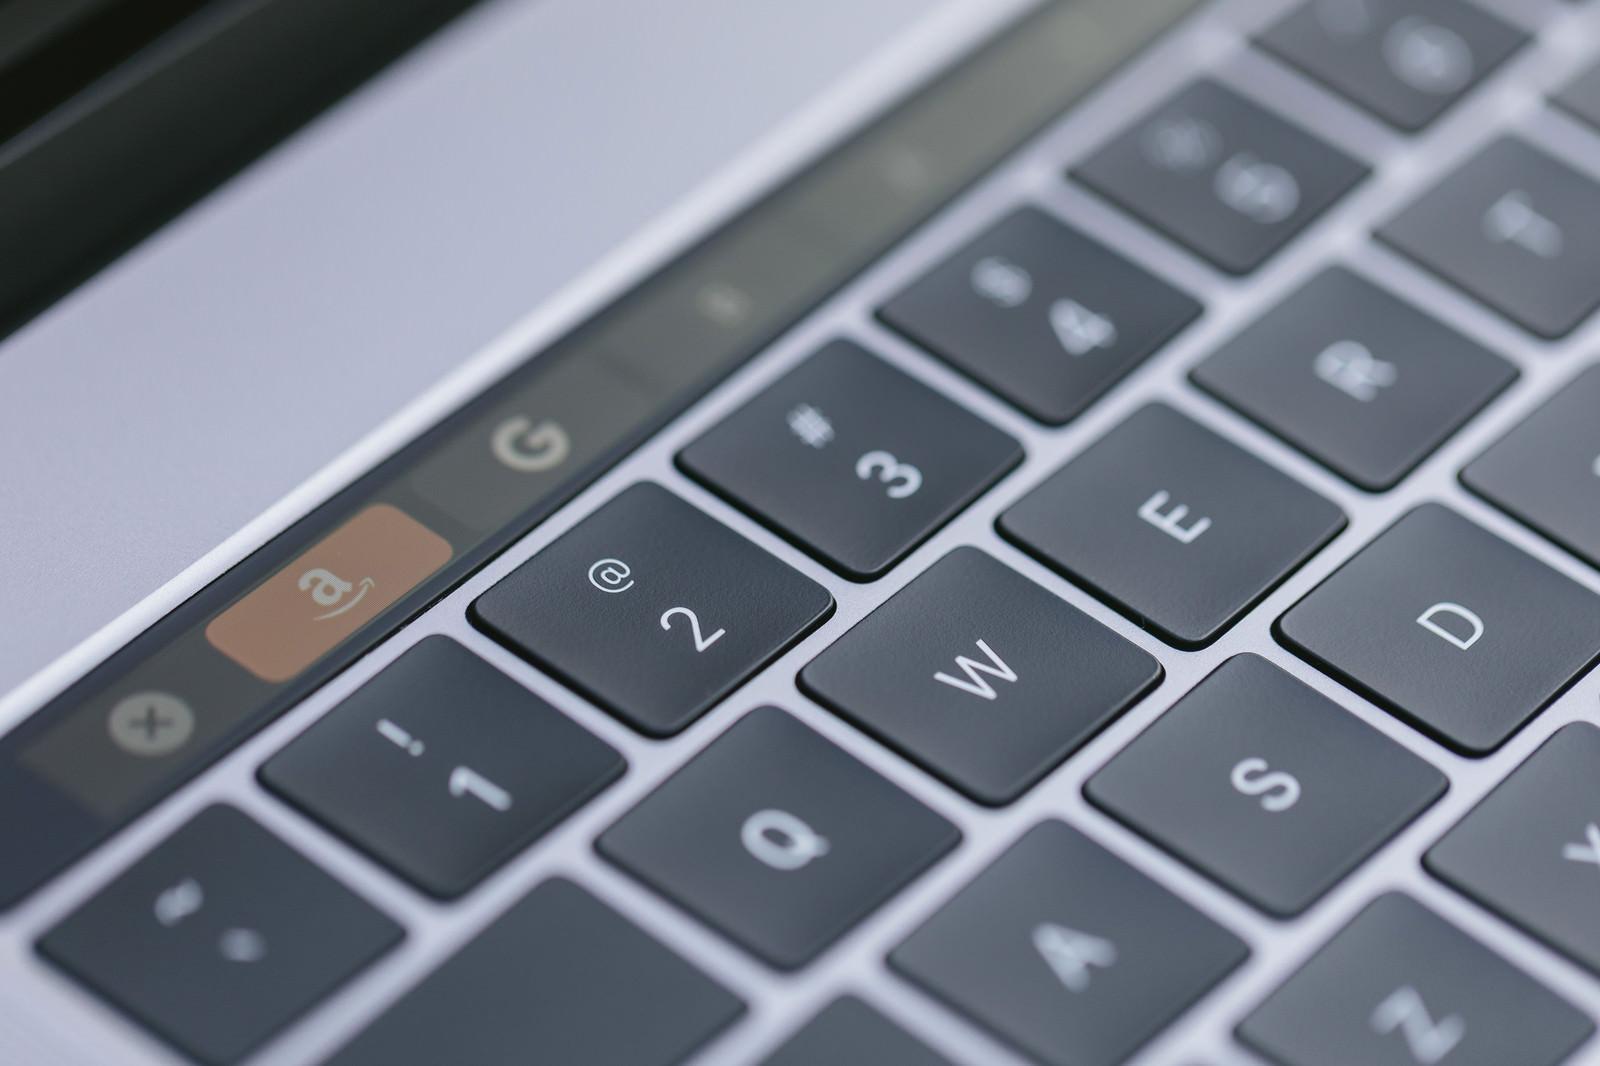 「ファンクションキーのかわりに有機ELのタッチバーが搭載した新型パソコン」の写真